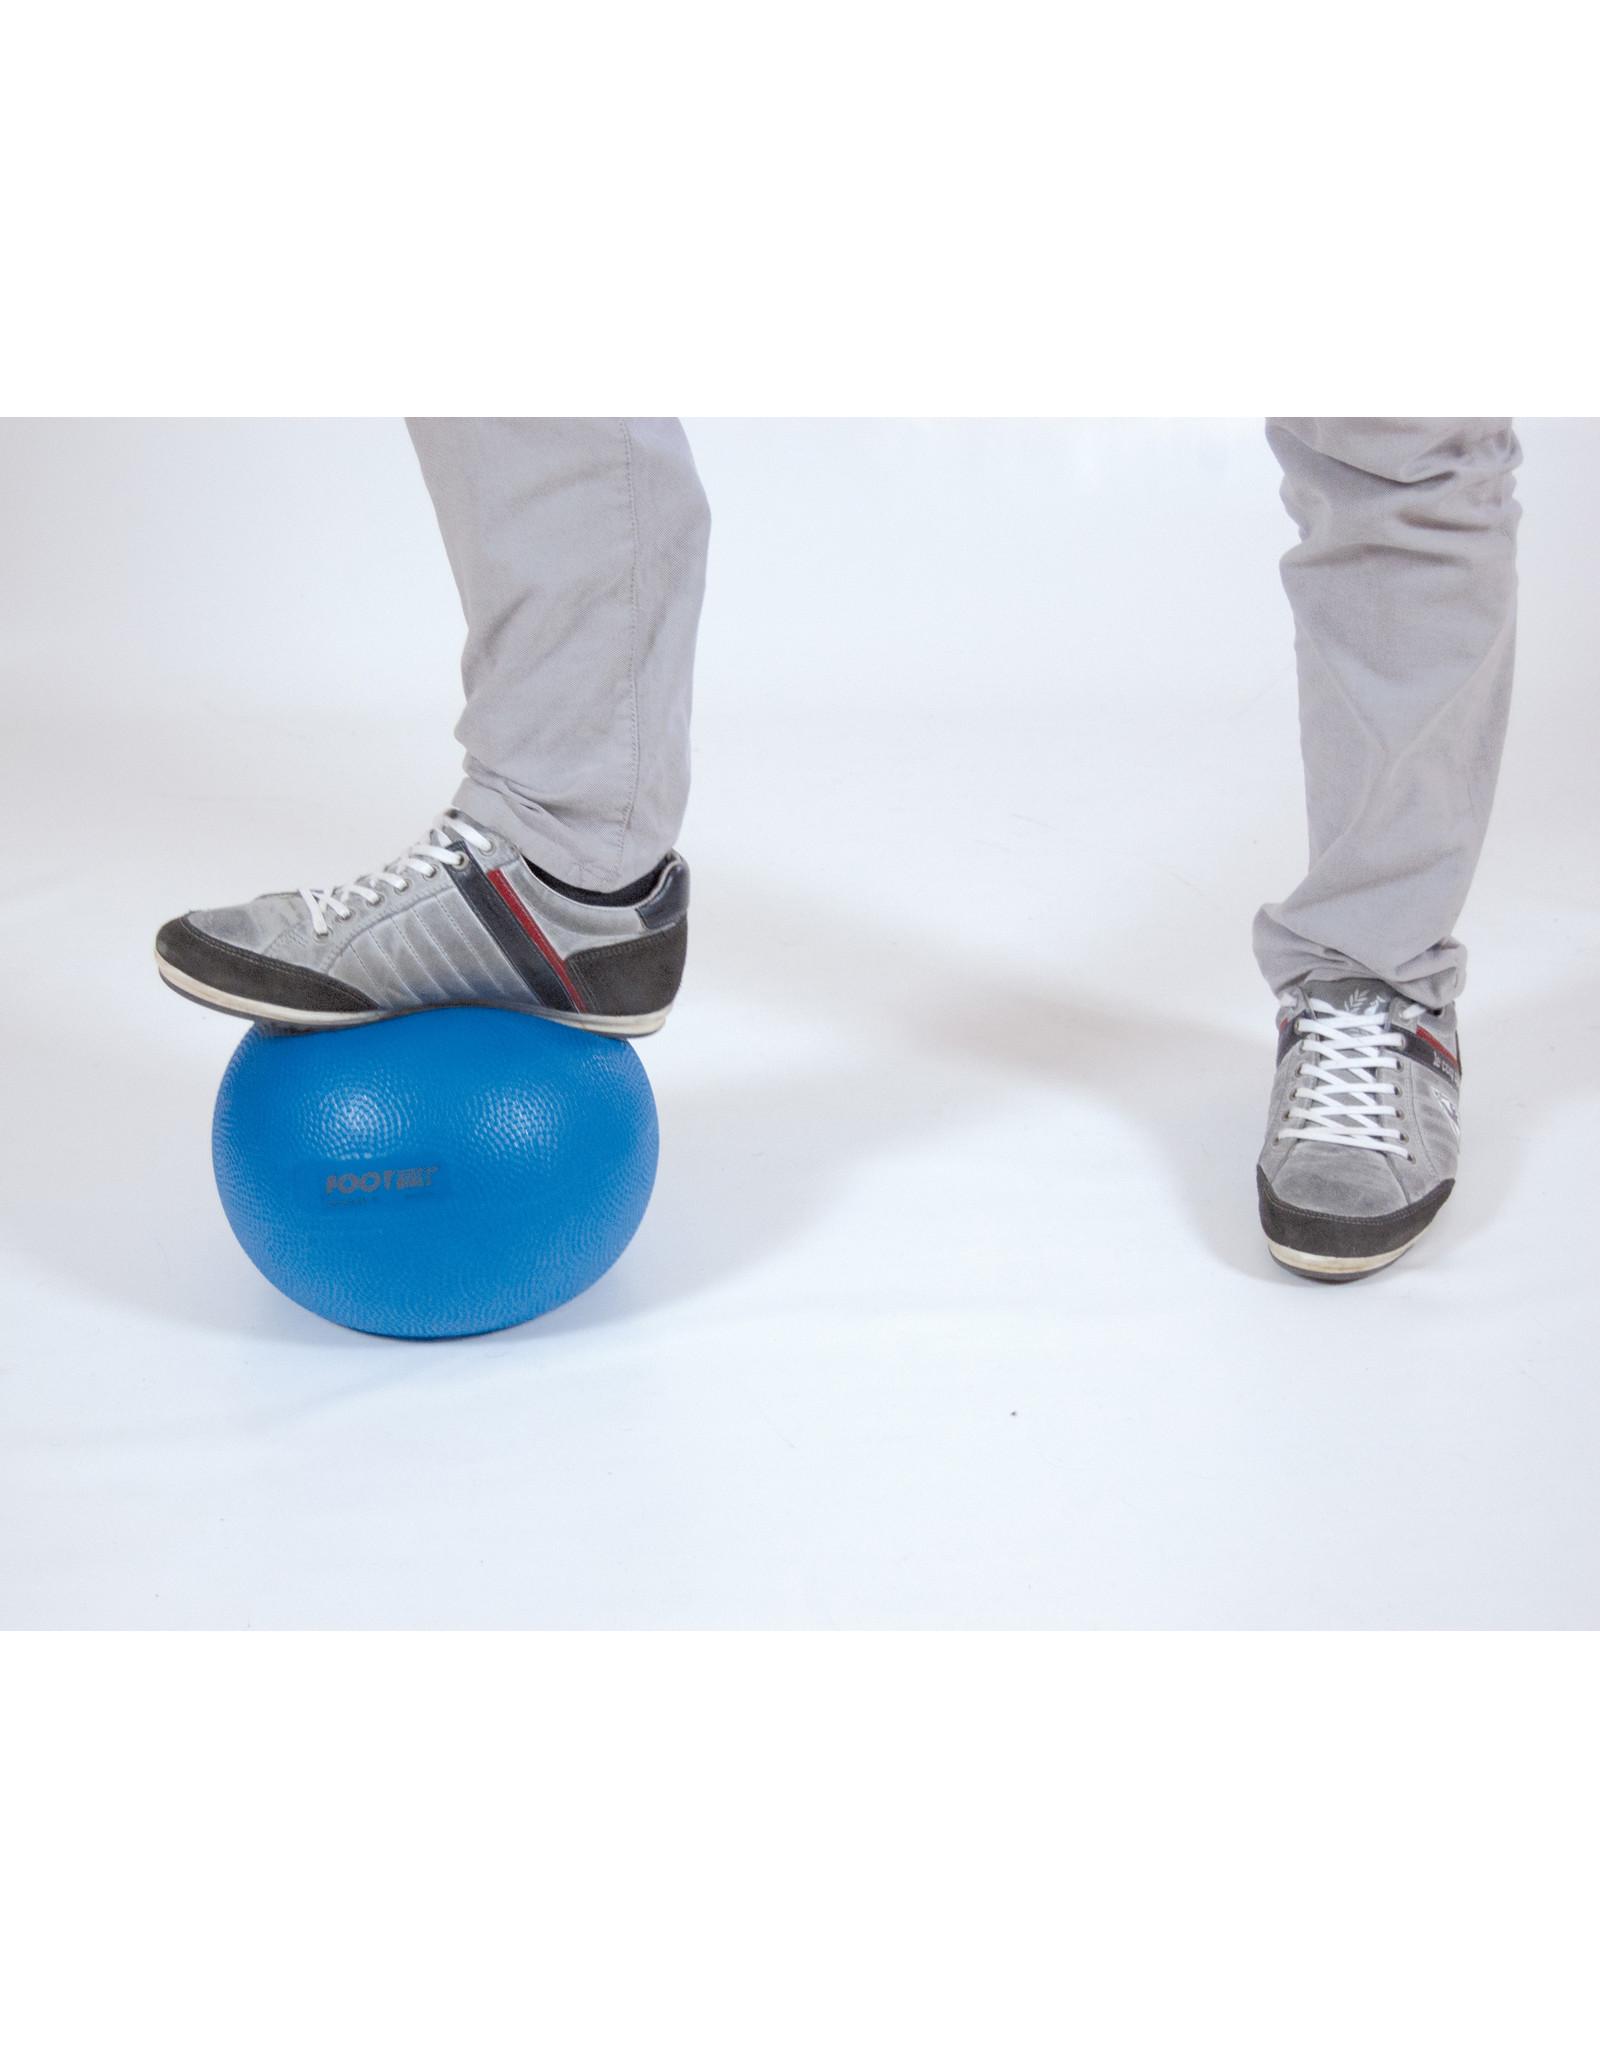 Gymnic Softplay Football / B / deflated